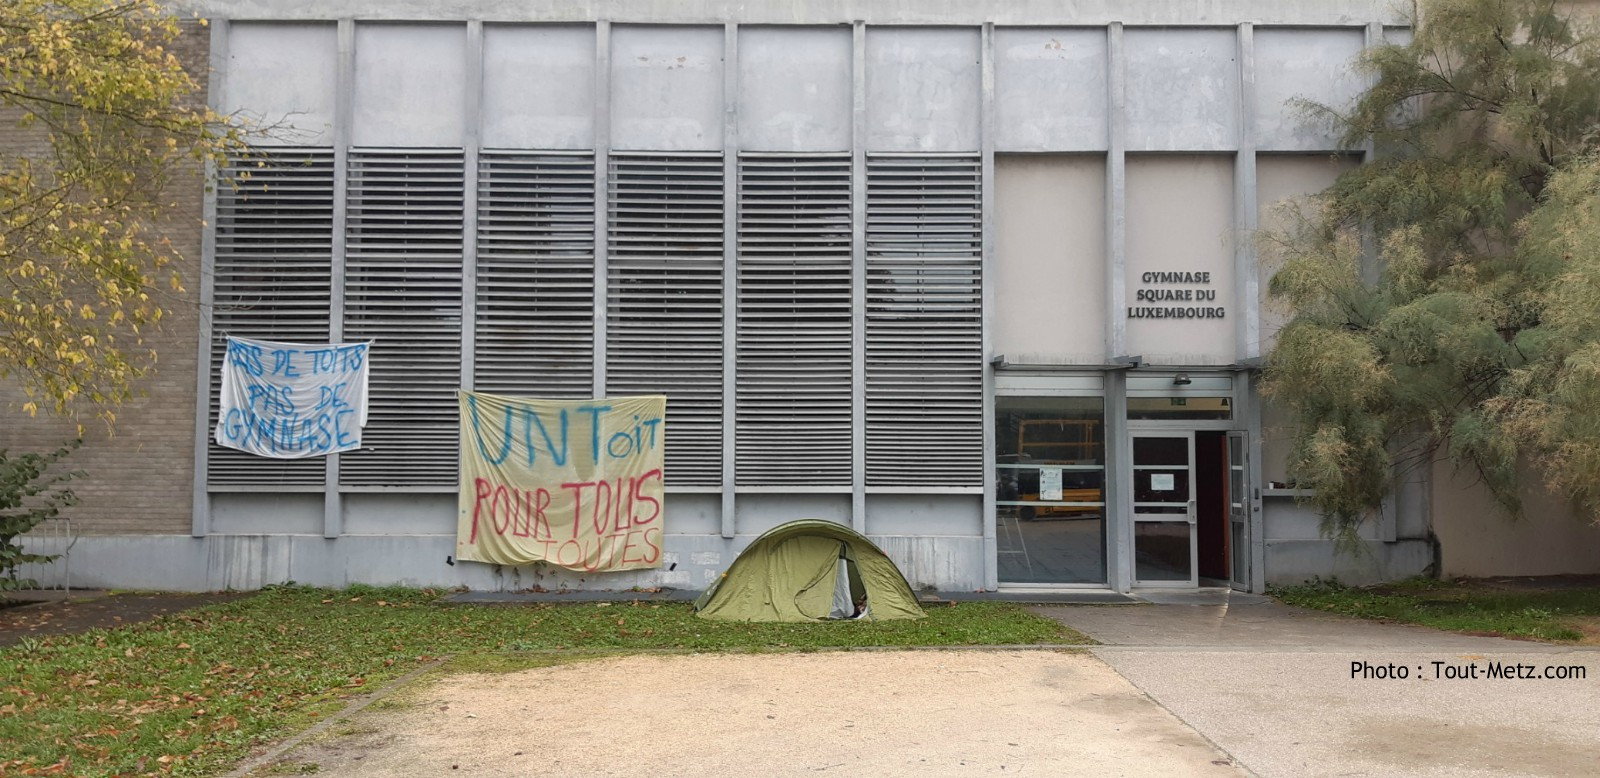 Occupation Du Gymnase Du Luxembourg (Metz) - Octobre 2019 encequiconcerne Piscine Square Du Luxembourg